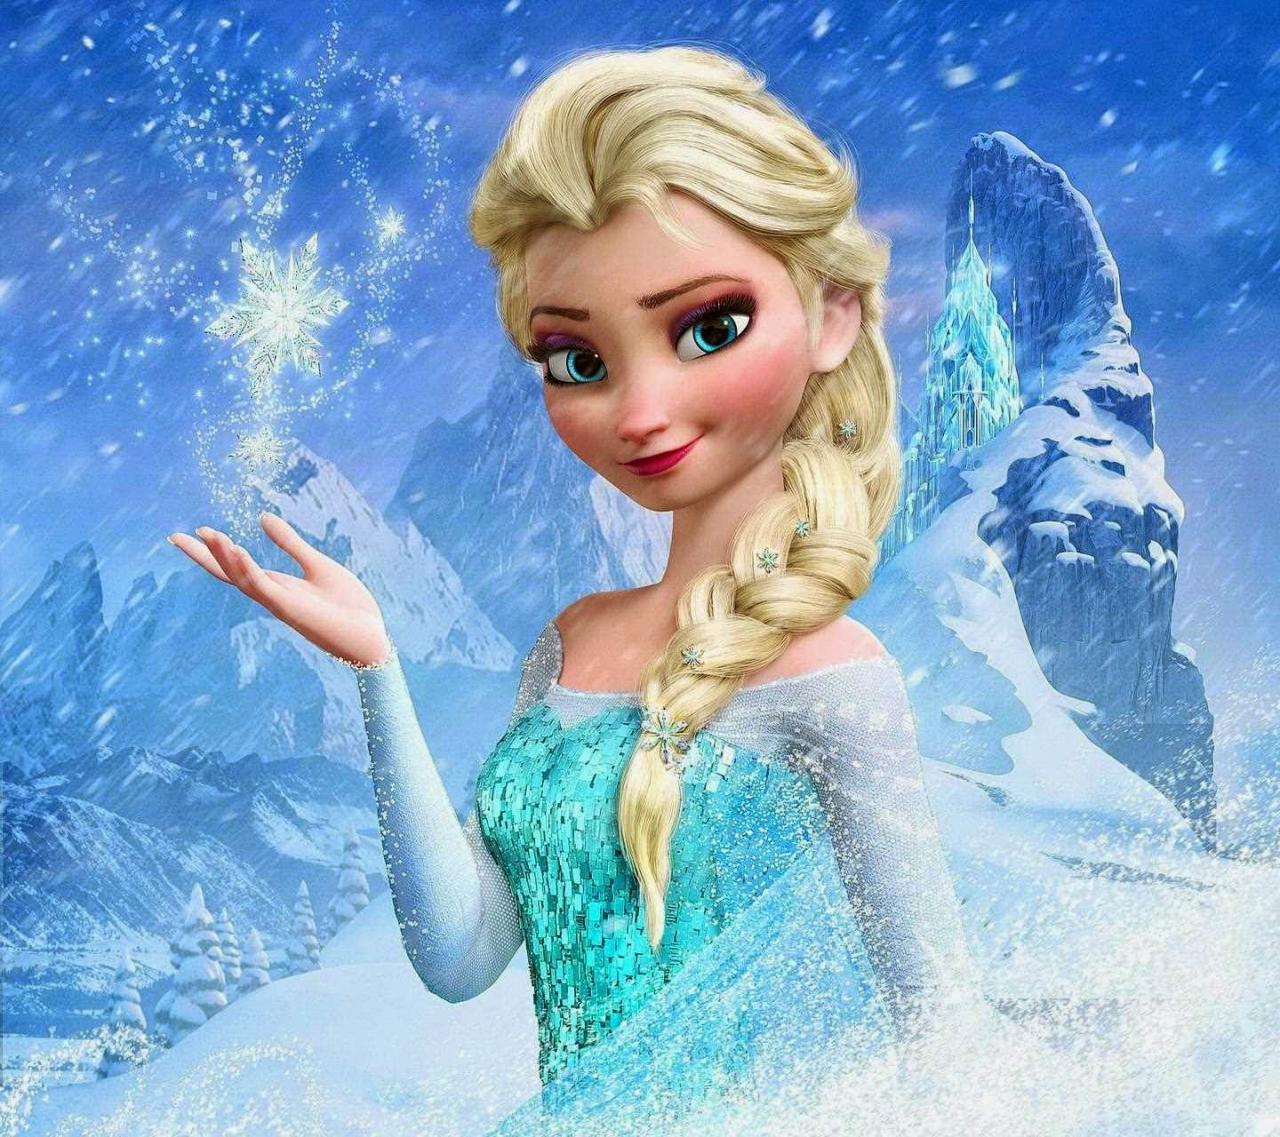 صورة ملكة الثلج frozen , قصة اميرة الثلج